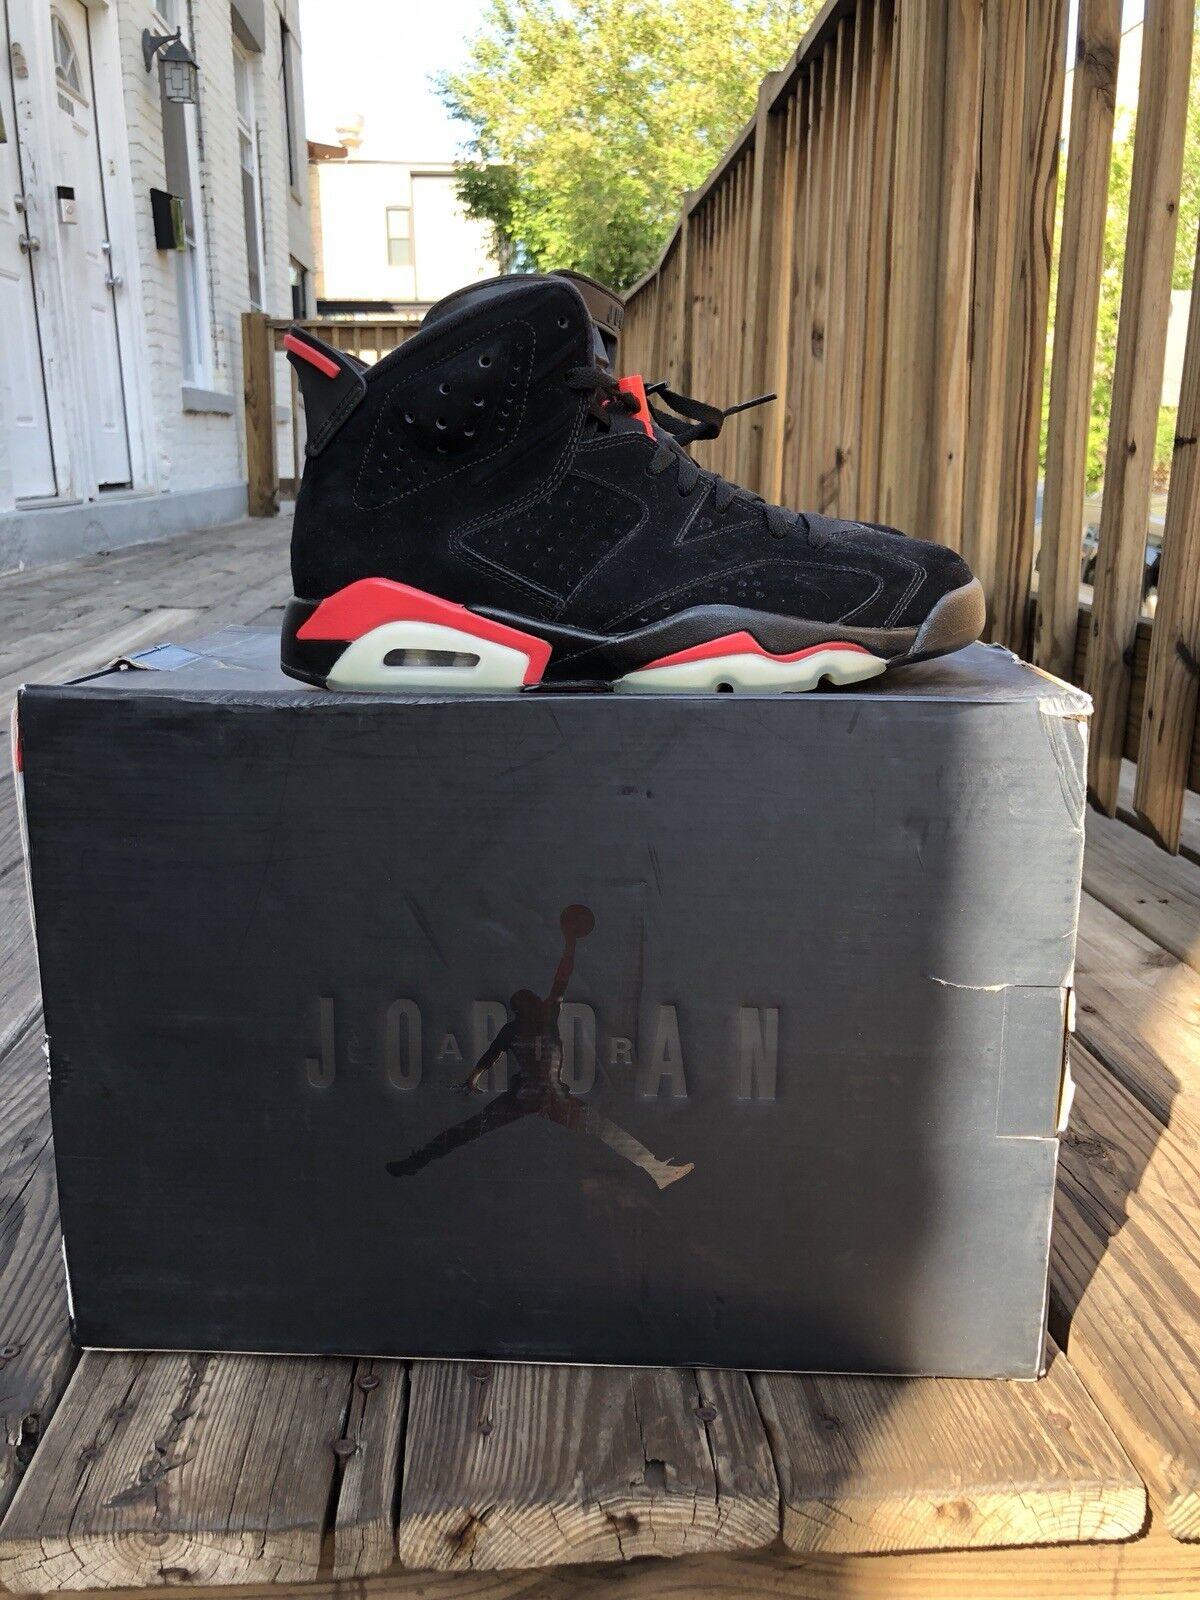 2018 Nike Air Jordan VI 6 Retro Retro Retro Pack de infrarrojos de reducción de precios con gran descuento 9154c4